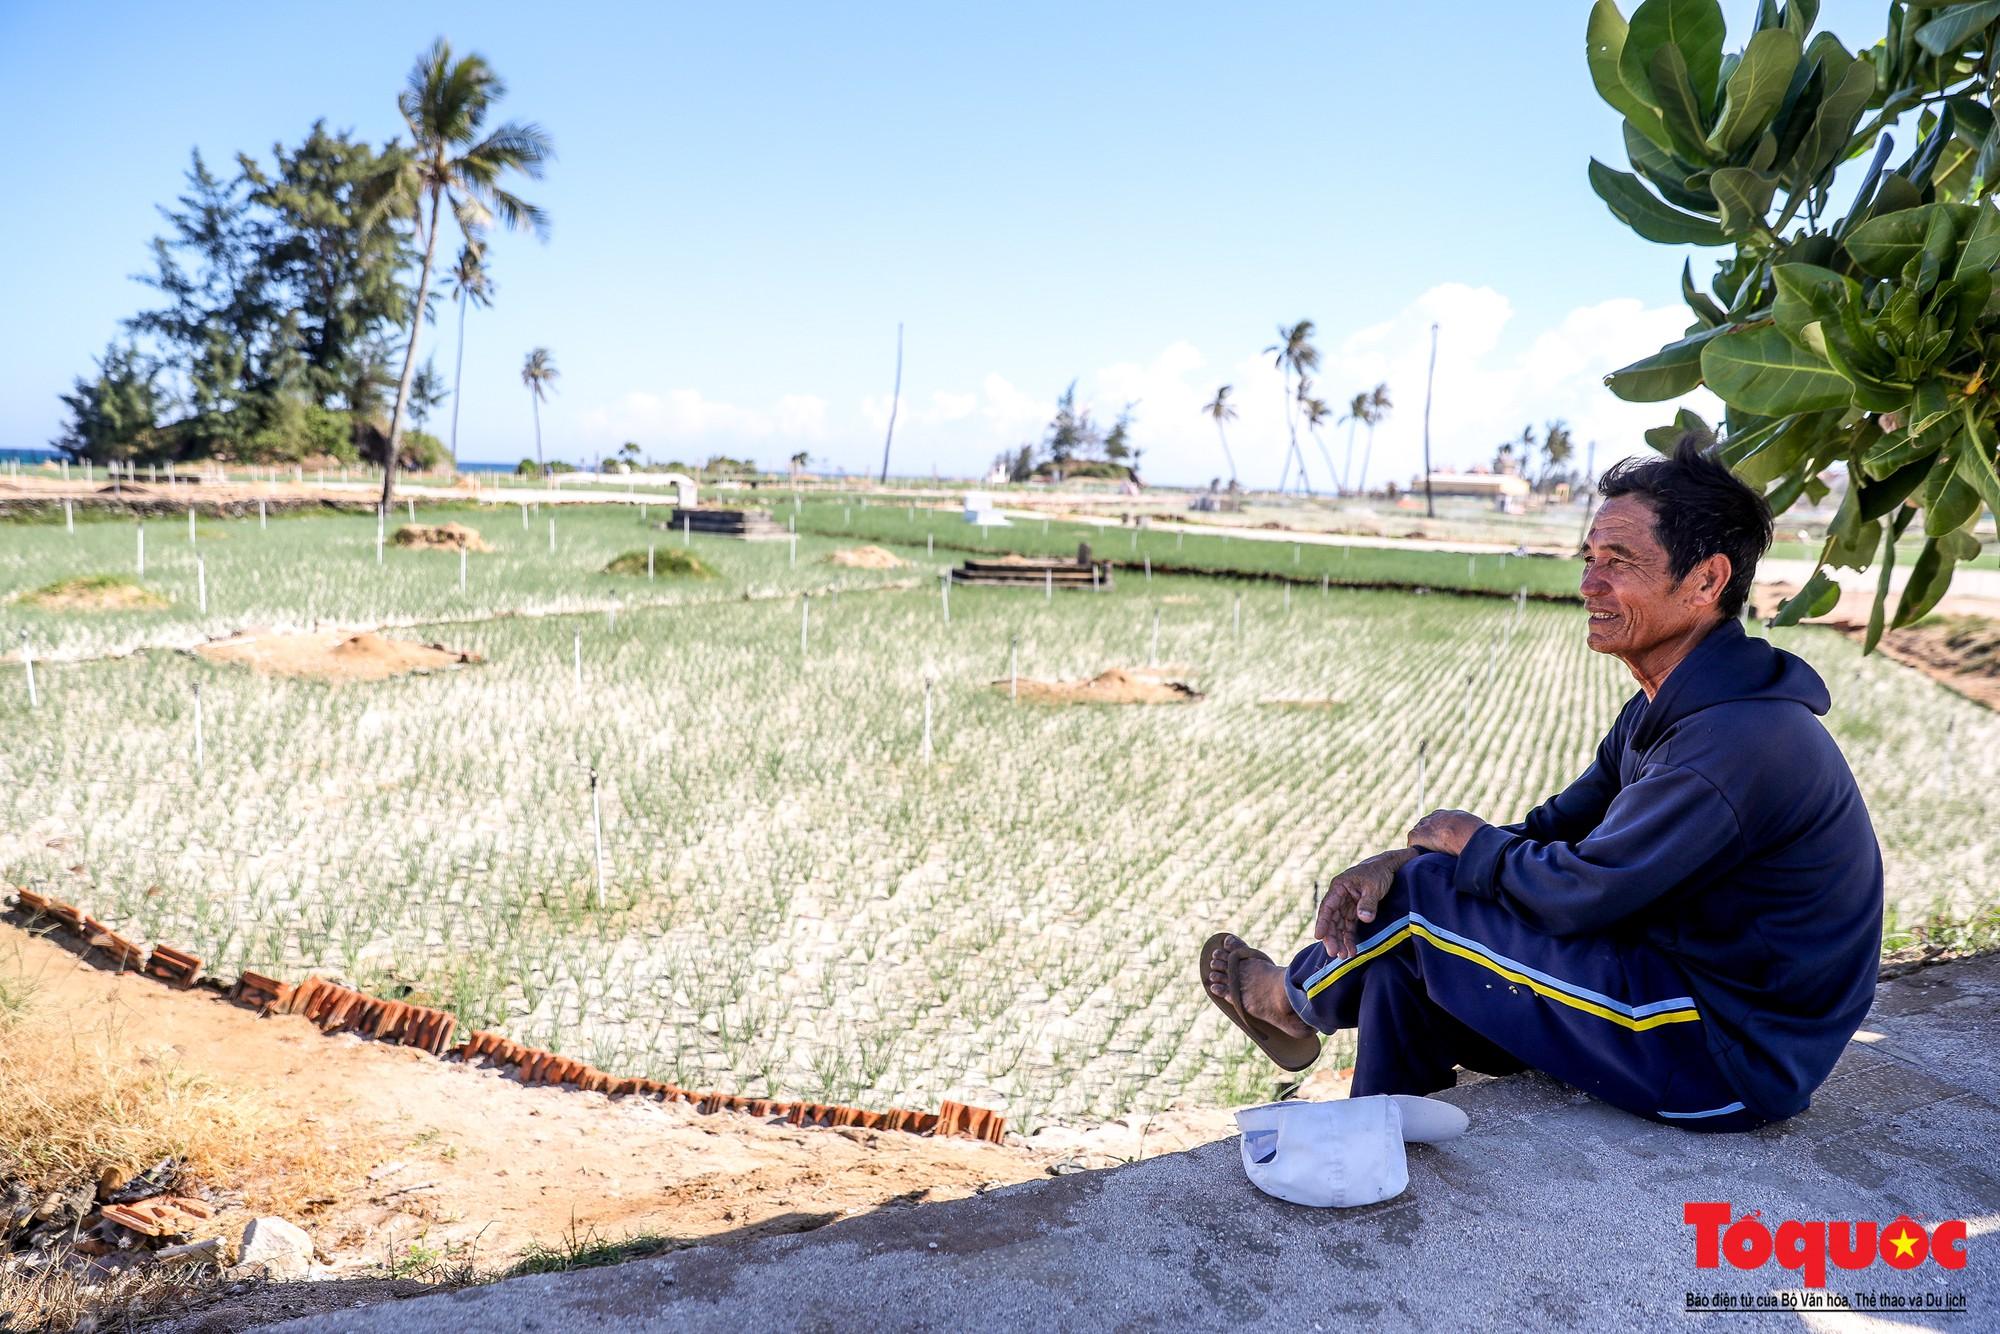 Hành tím Lý Sơn vào mùa thu hoạch: Nông dân phấn khởi vì giá tăng gấp đôi năm ngoái  - Ảnh 13.